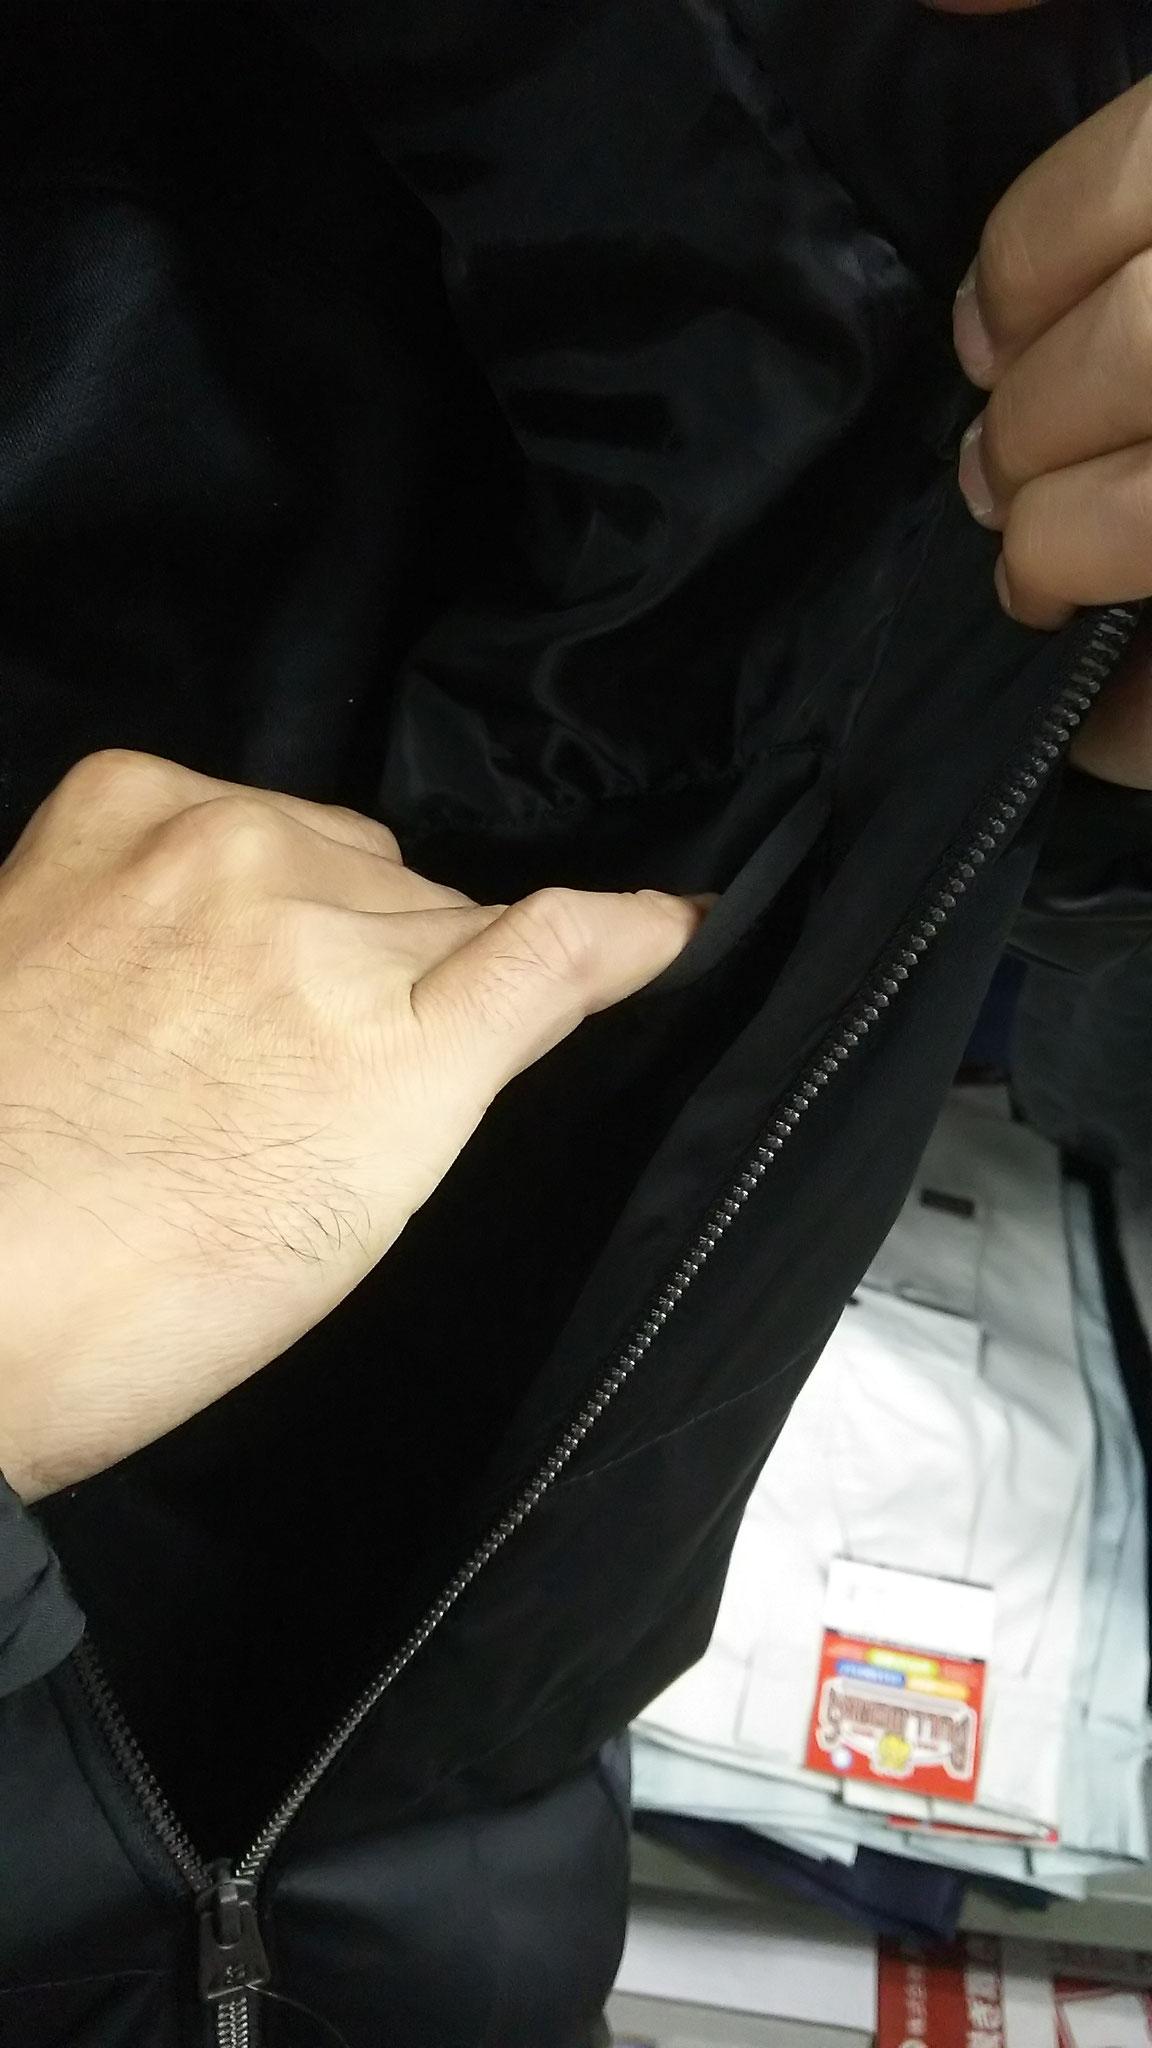 G.GROUND 44603 防風ブルゾン 左胸の内ポケット。けっこう深いので、スマホ・サイフは十分OKです。